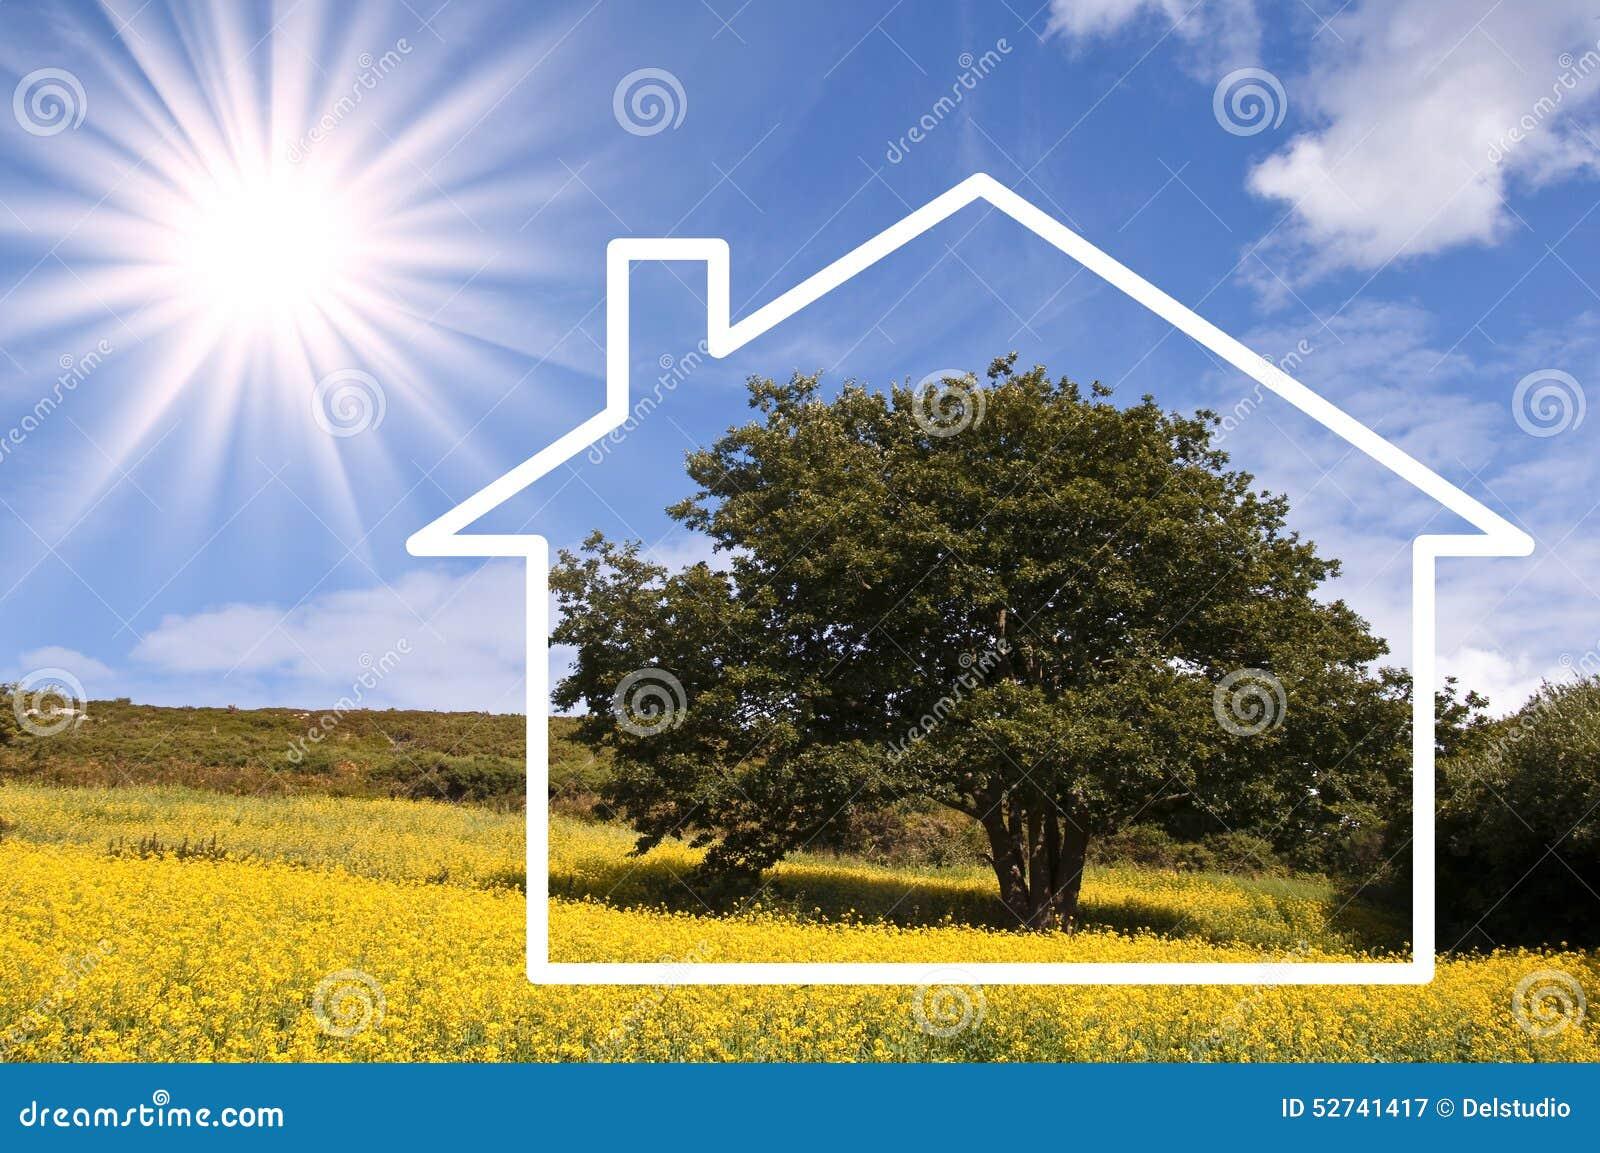 silhouettez le cadre d 39 une maison paysage de campagne image stock image du investissement. Black Bedroom Furniture Sets. Home Design Ideas